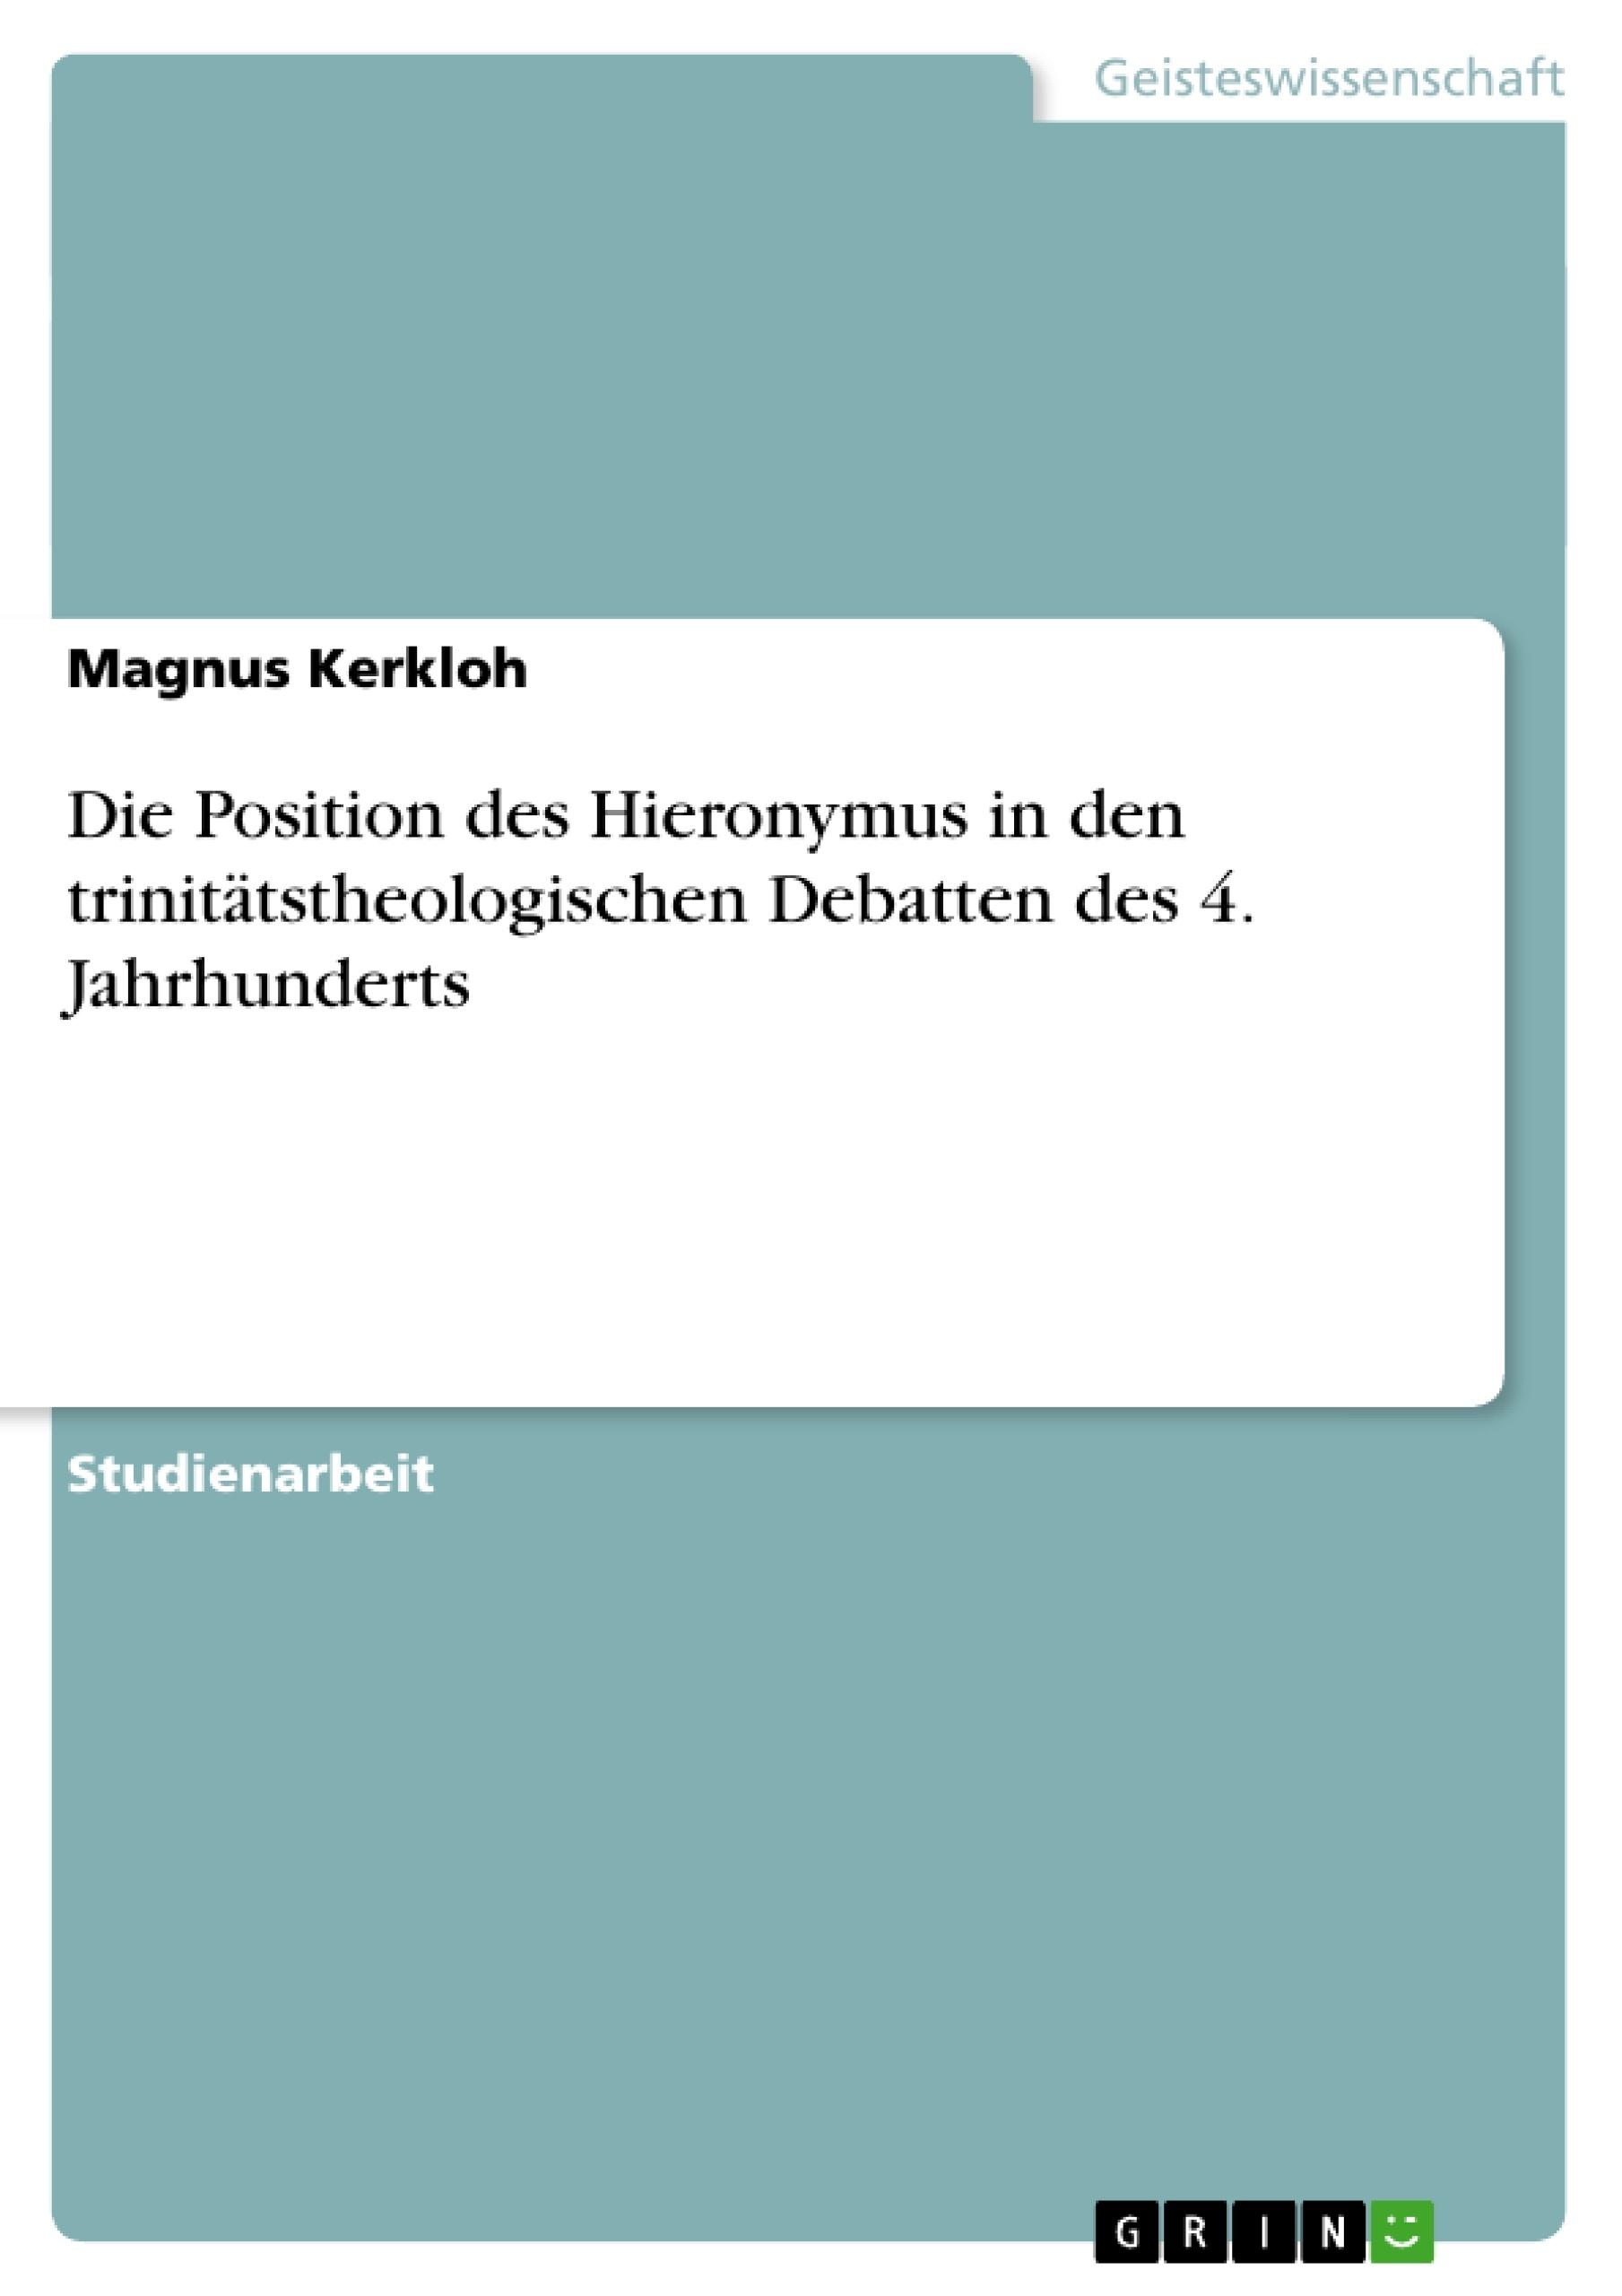 Titel: Die Position des Hieronymus in den trinitätstheologischen Debatten des 4. Jahrhunderts